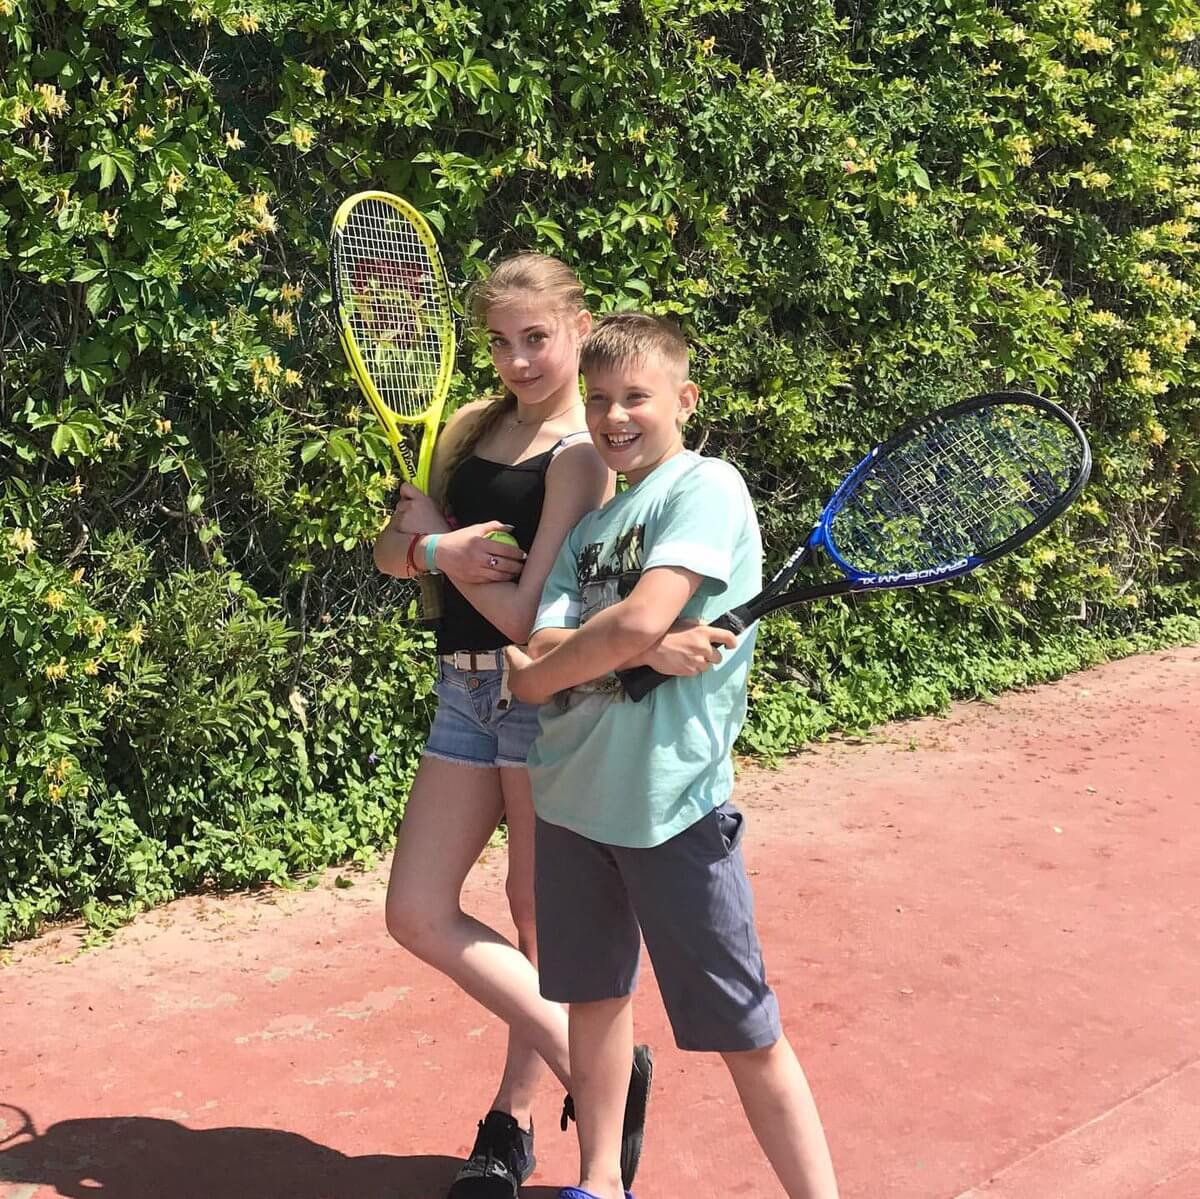 コストルナヤが弟とテニスをしている写真を公開!